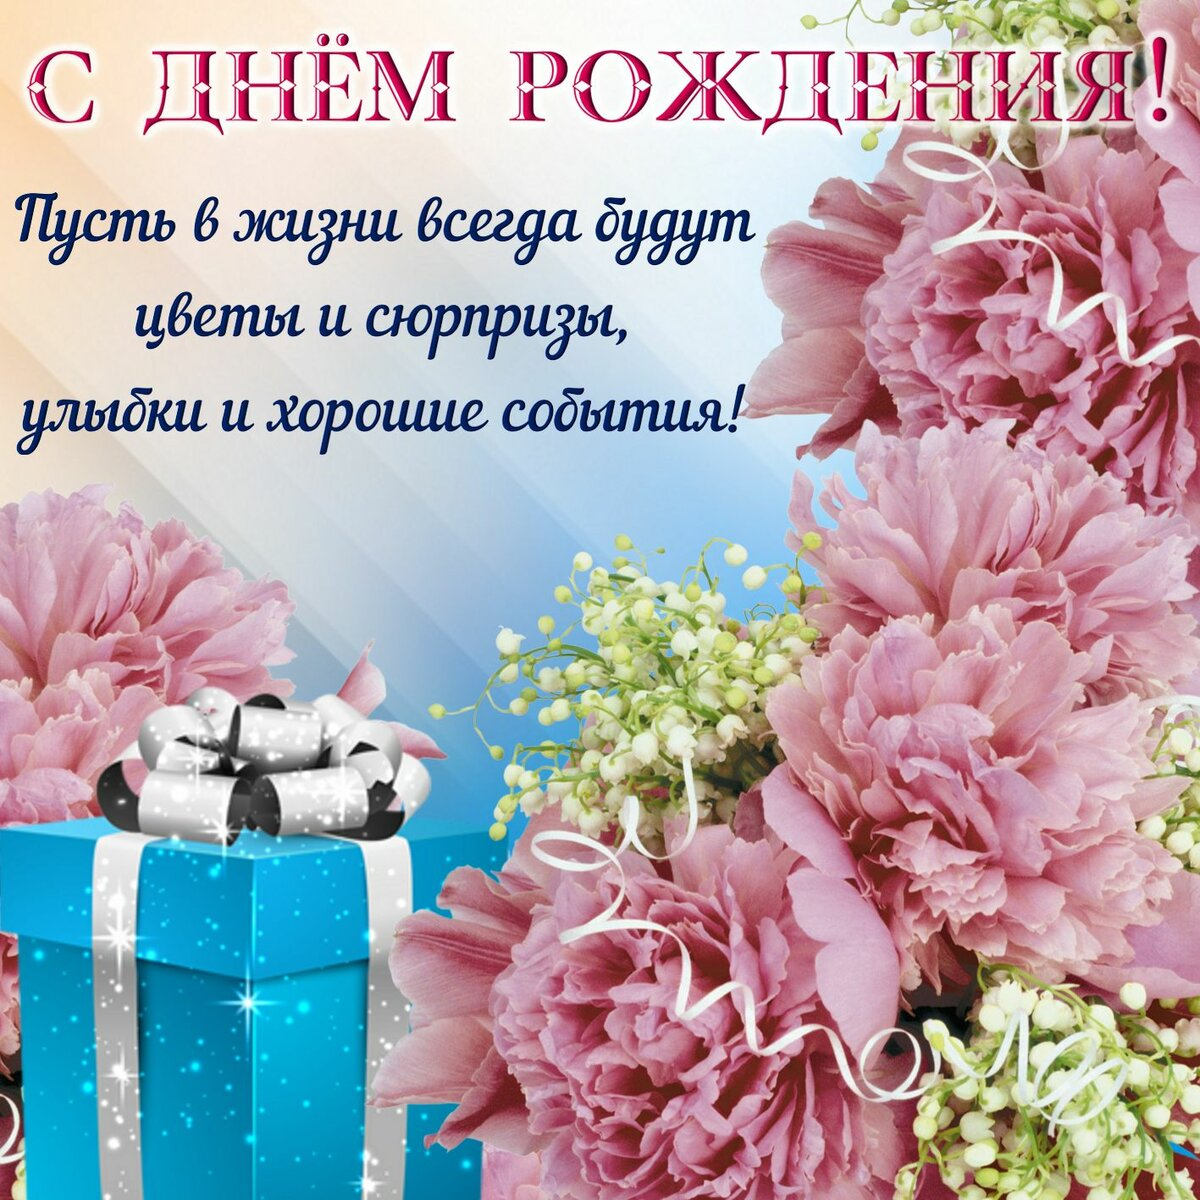 Открытка, очень красивые с днем рождения поздравления открытки женщине